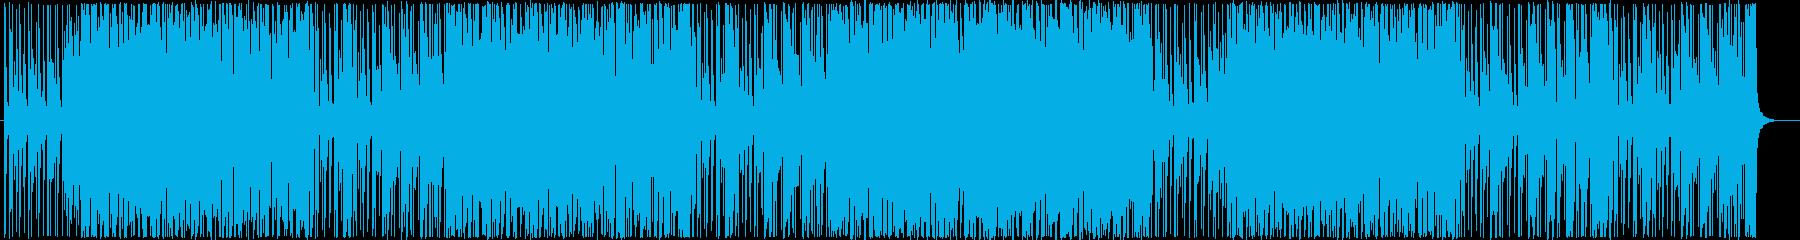 掛け声とクラップが印象的なギターロックの再生済みの波形